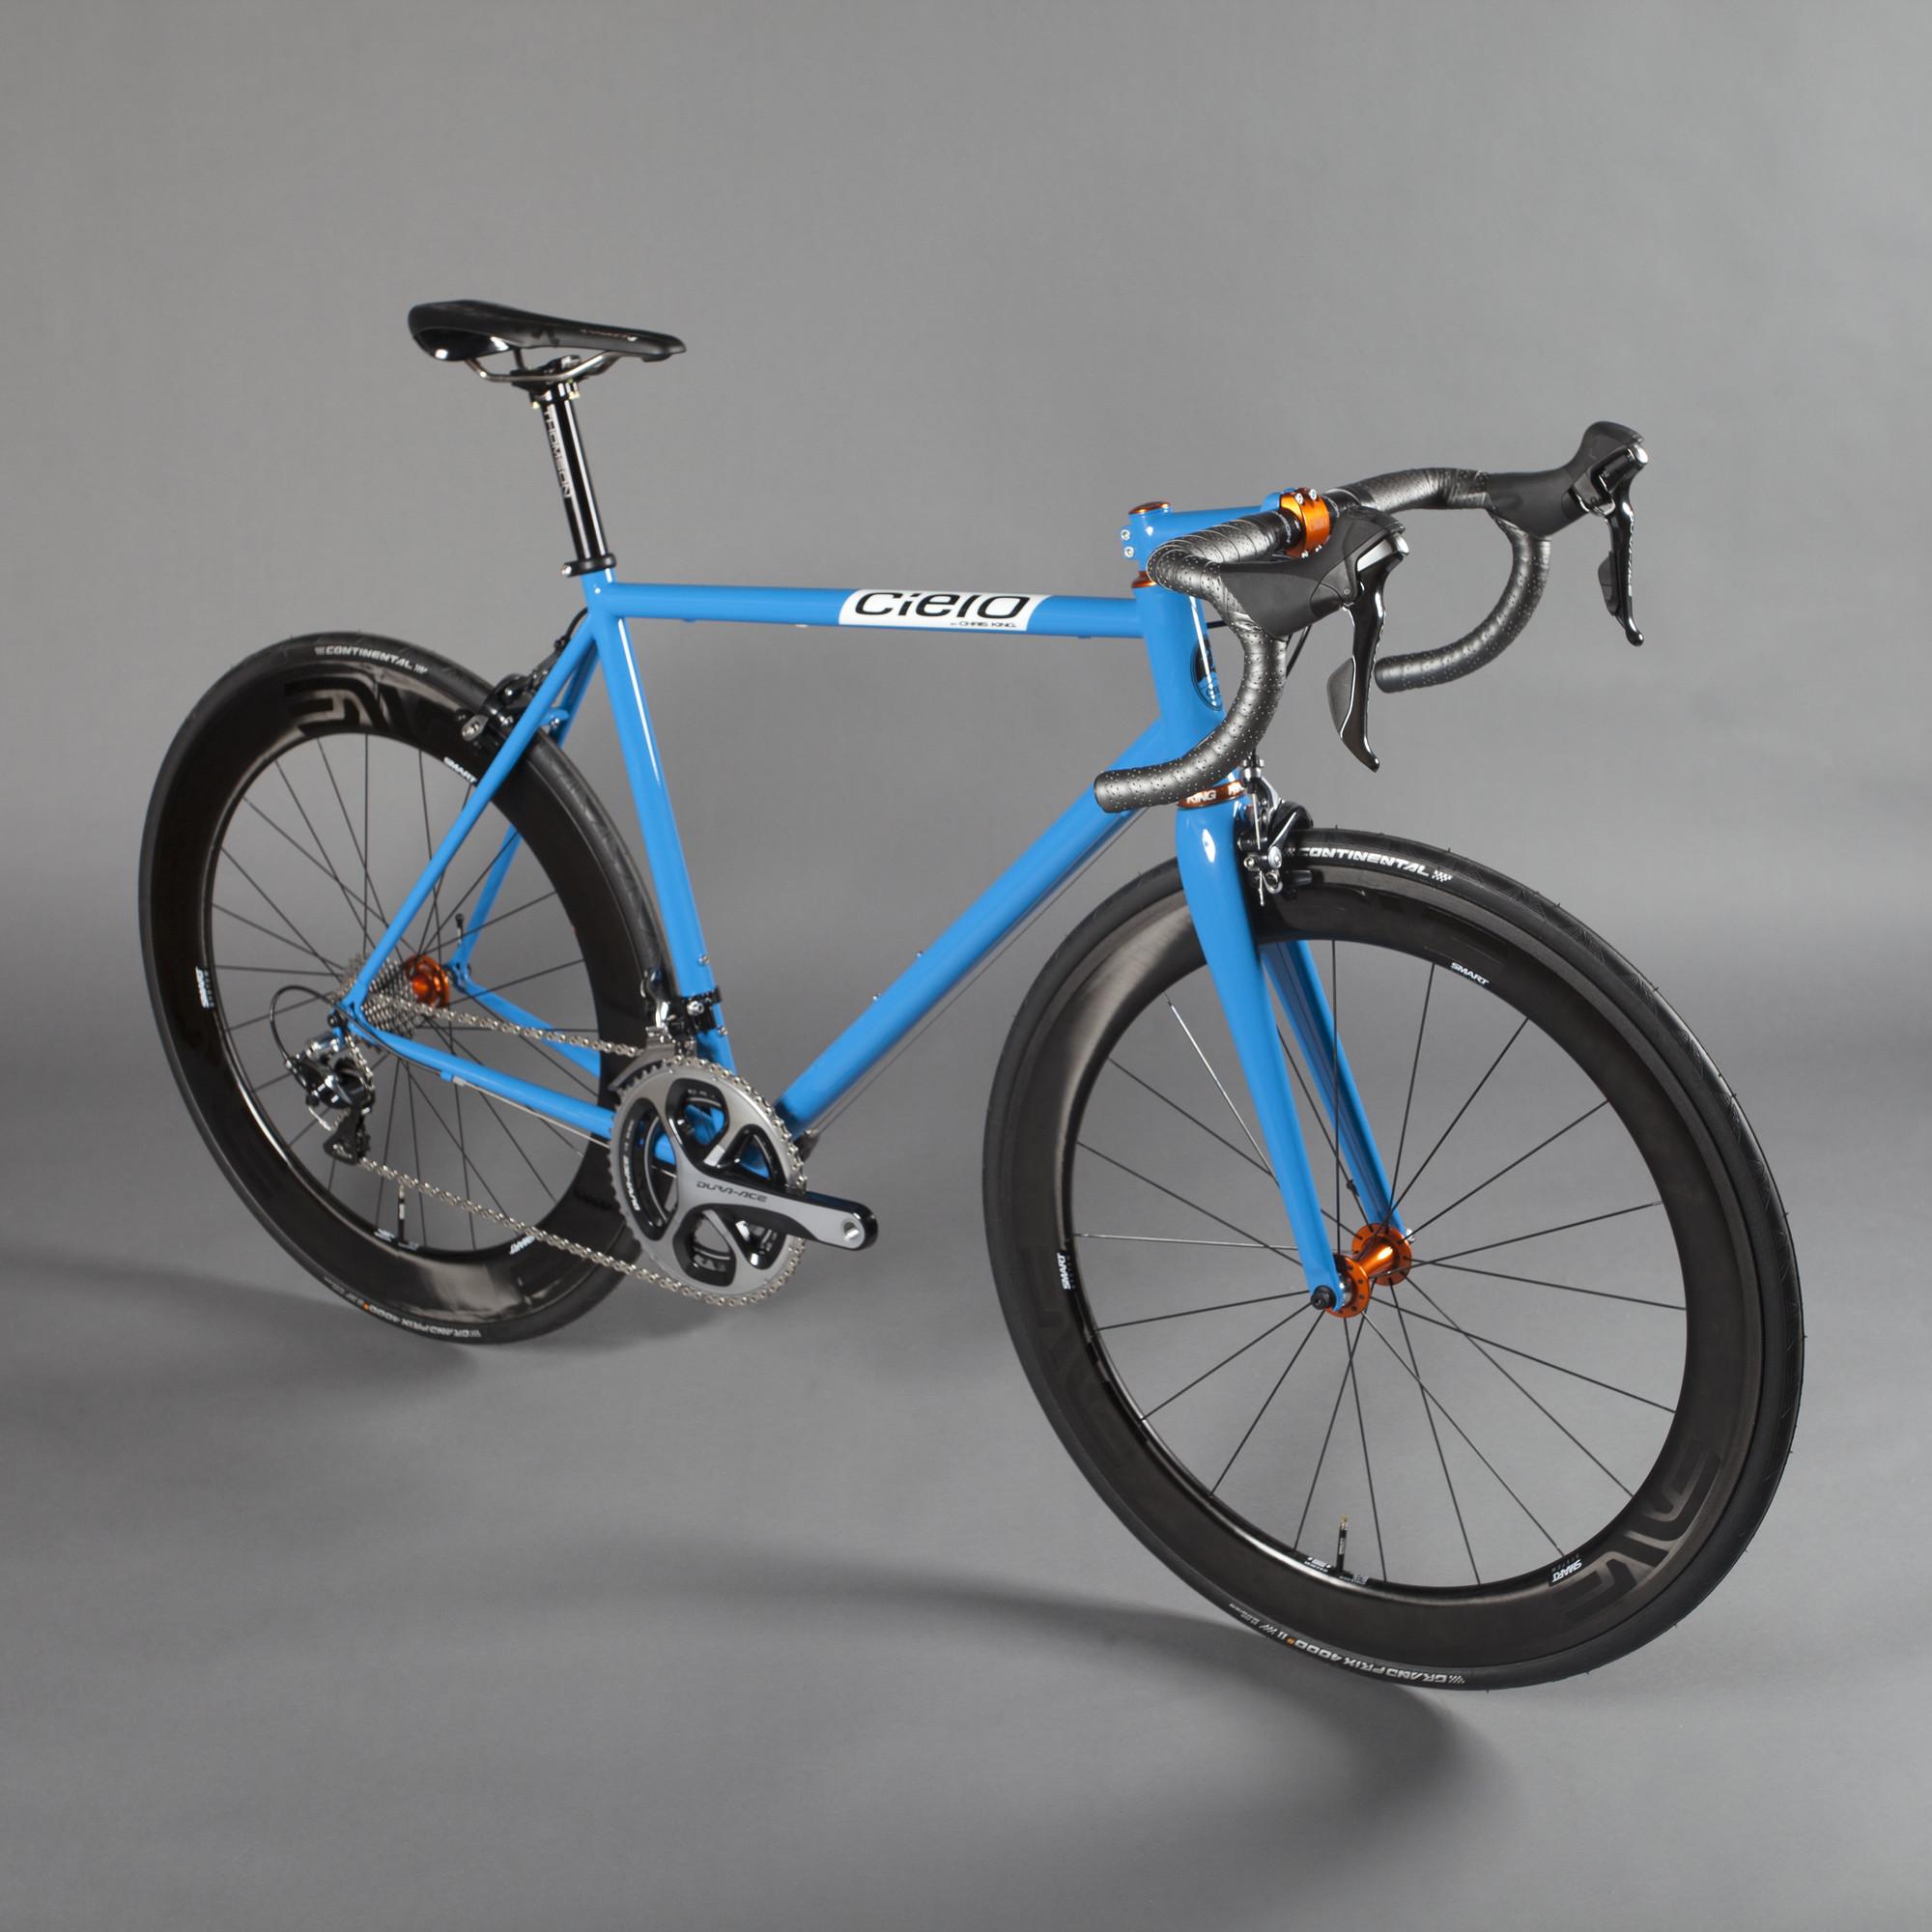 RS913_cielo_roadracer_azul_full-lpr